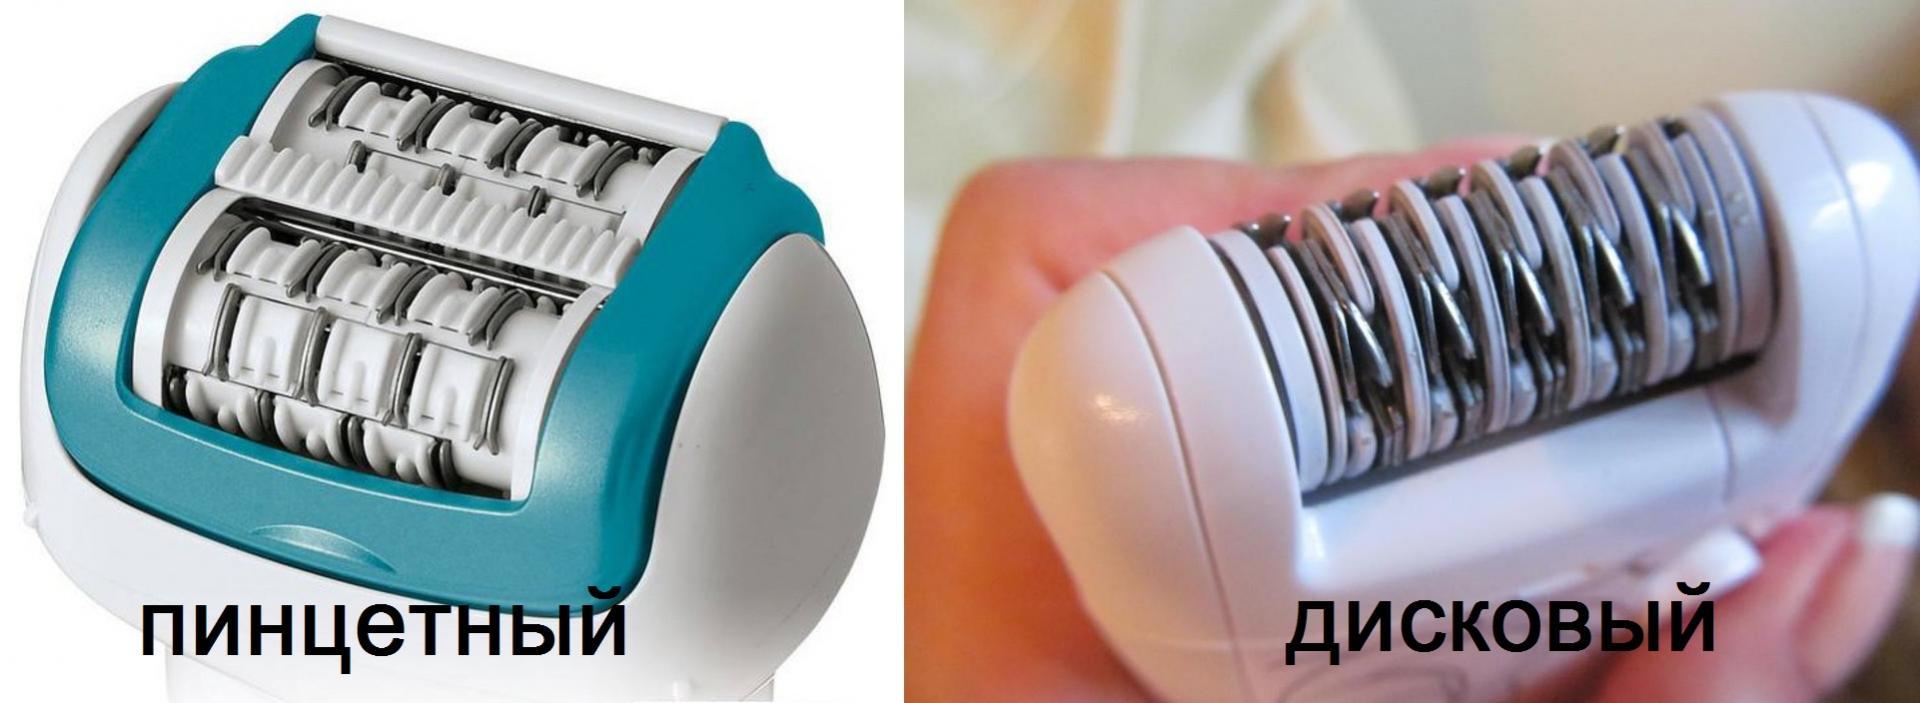 Дисковый и пинцетный эпиляторы